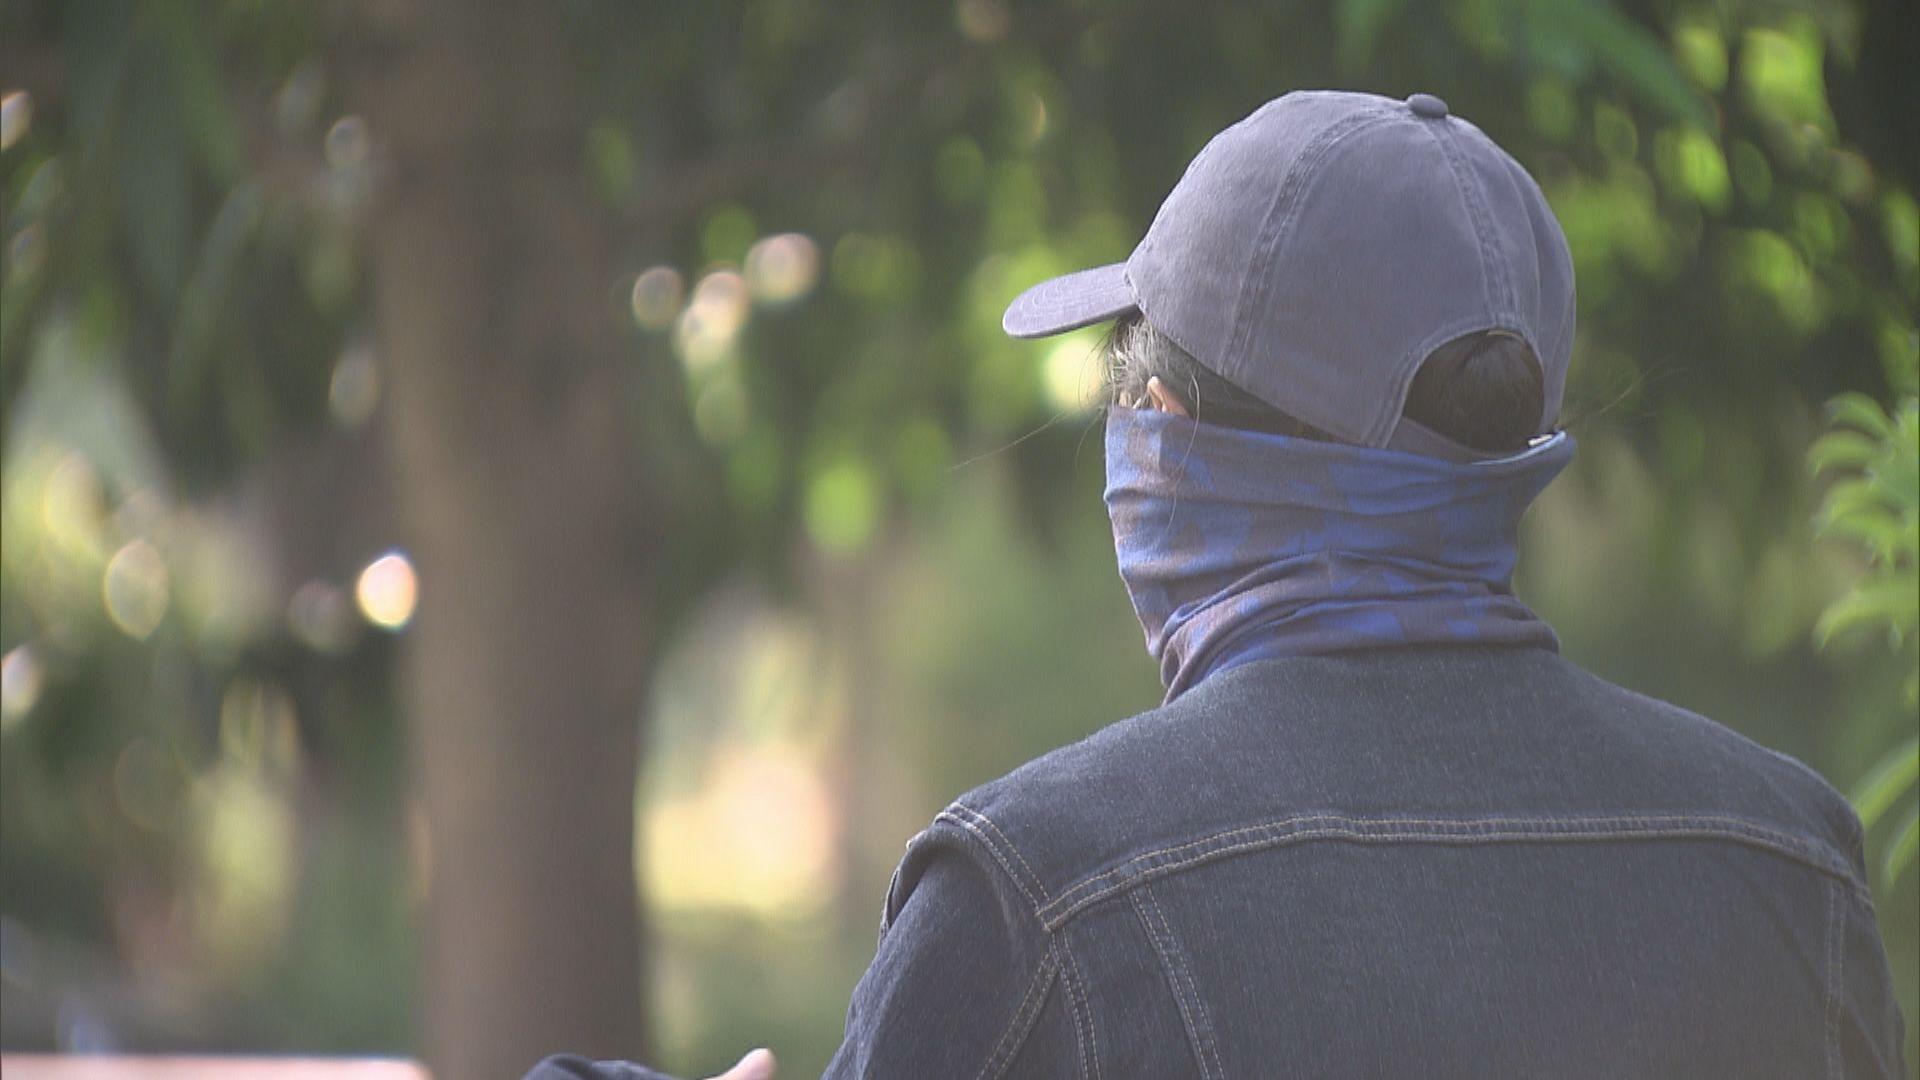 北區醫院護士質疑警方曾濫用暴力